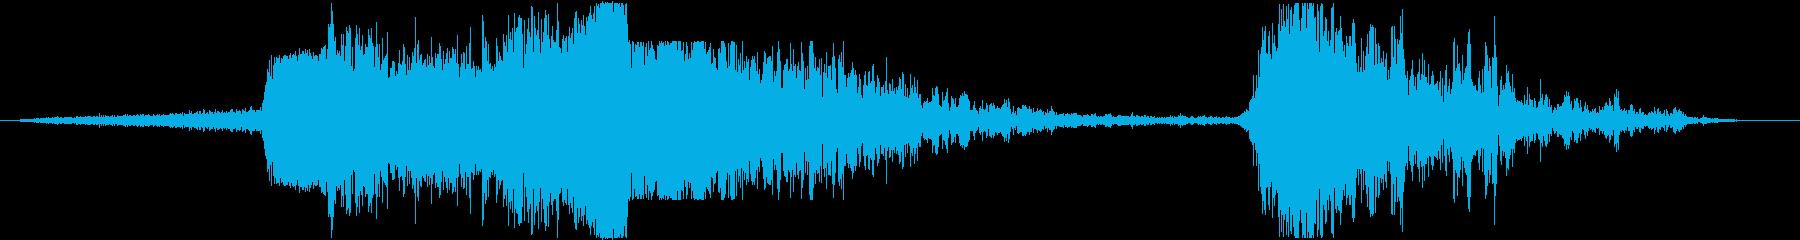 【ゲーム】 戦争_01 爆撃 空爆の再生済みの波形